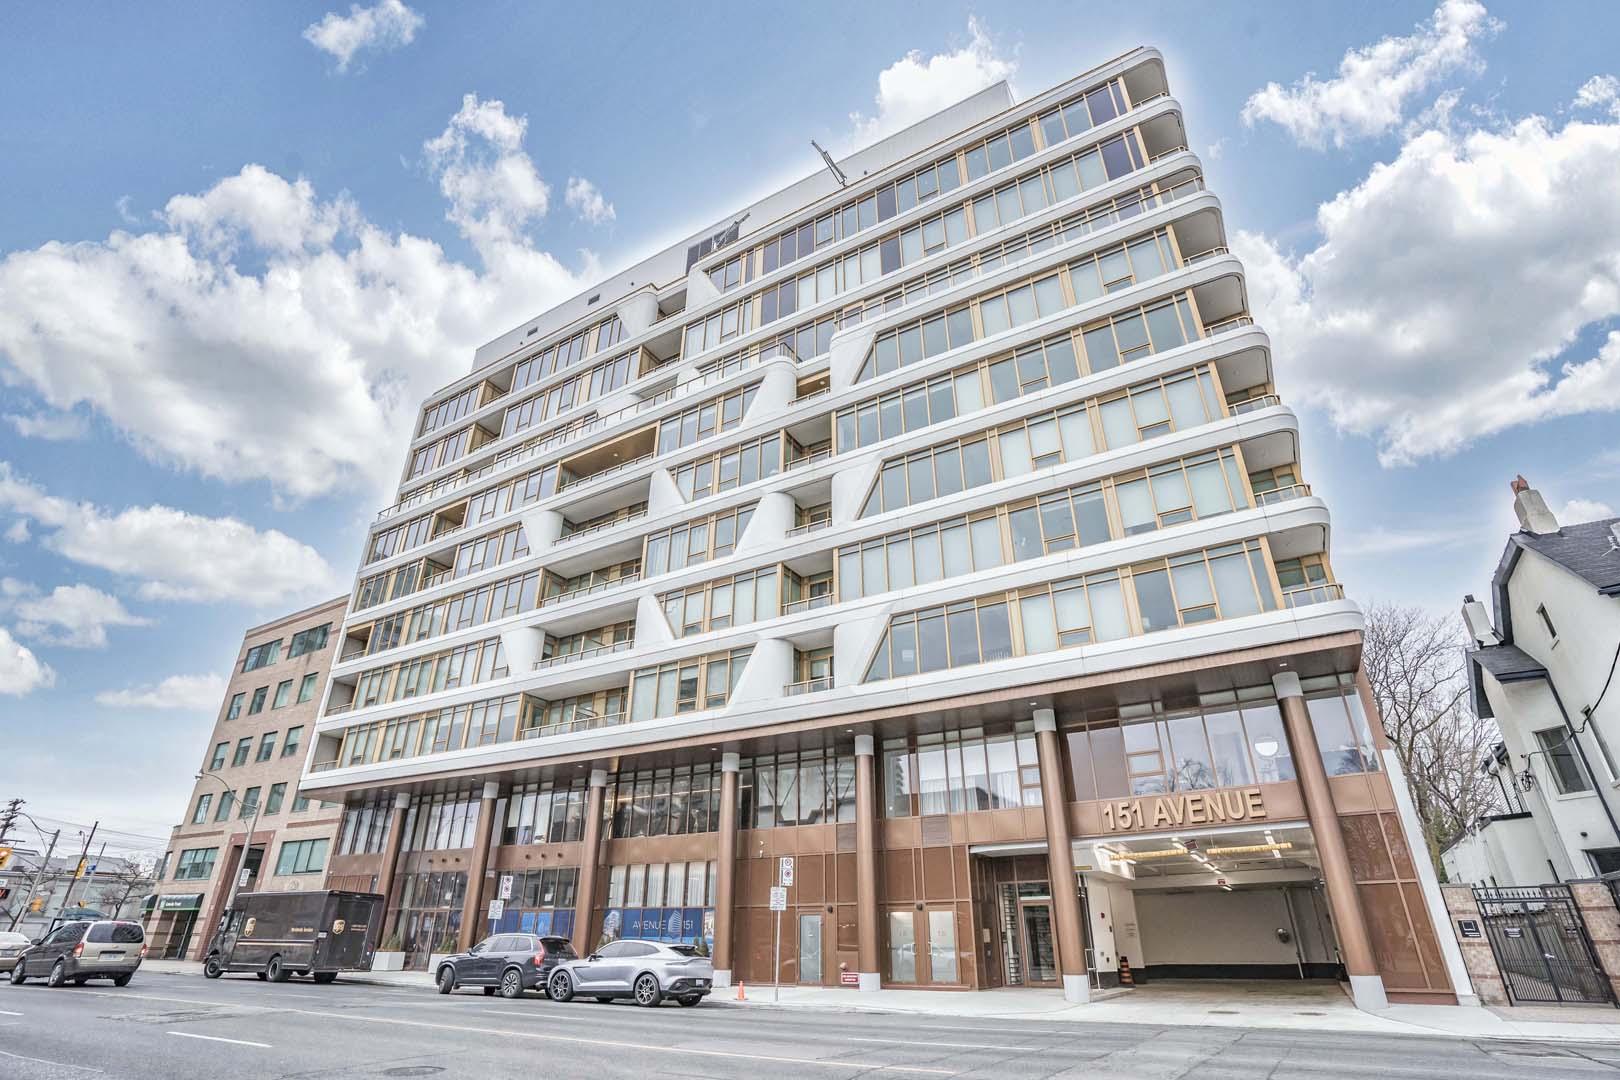 Condominium Building in Downtown Toronto